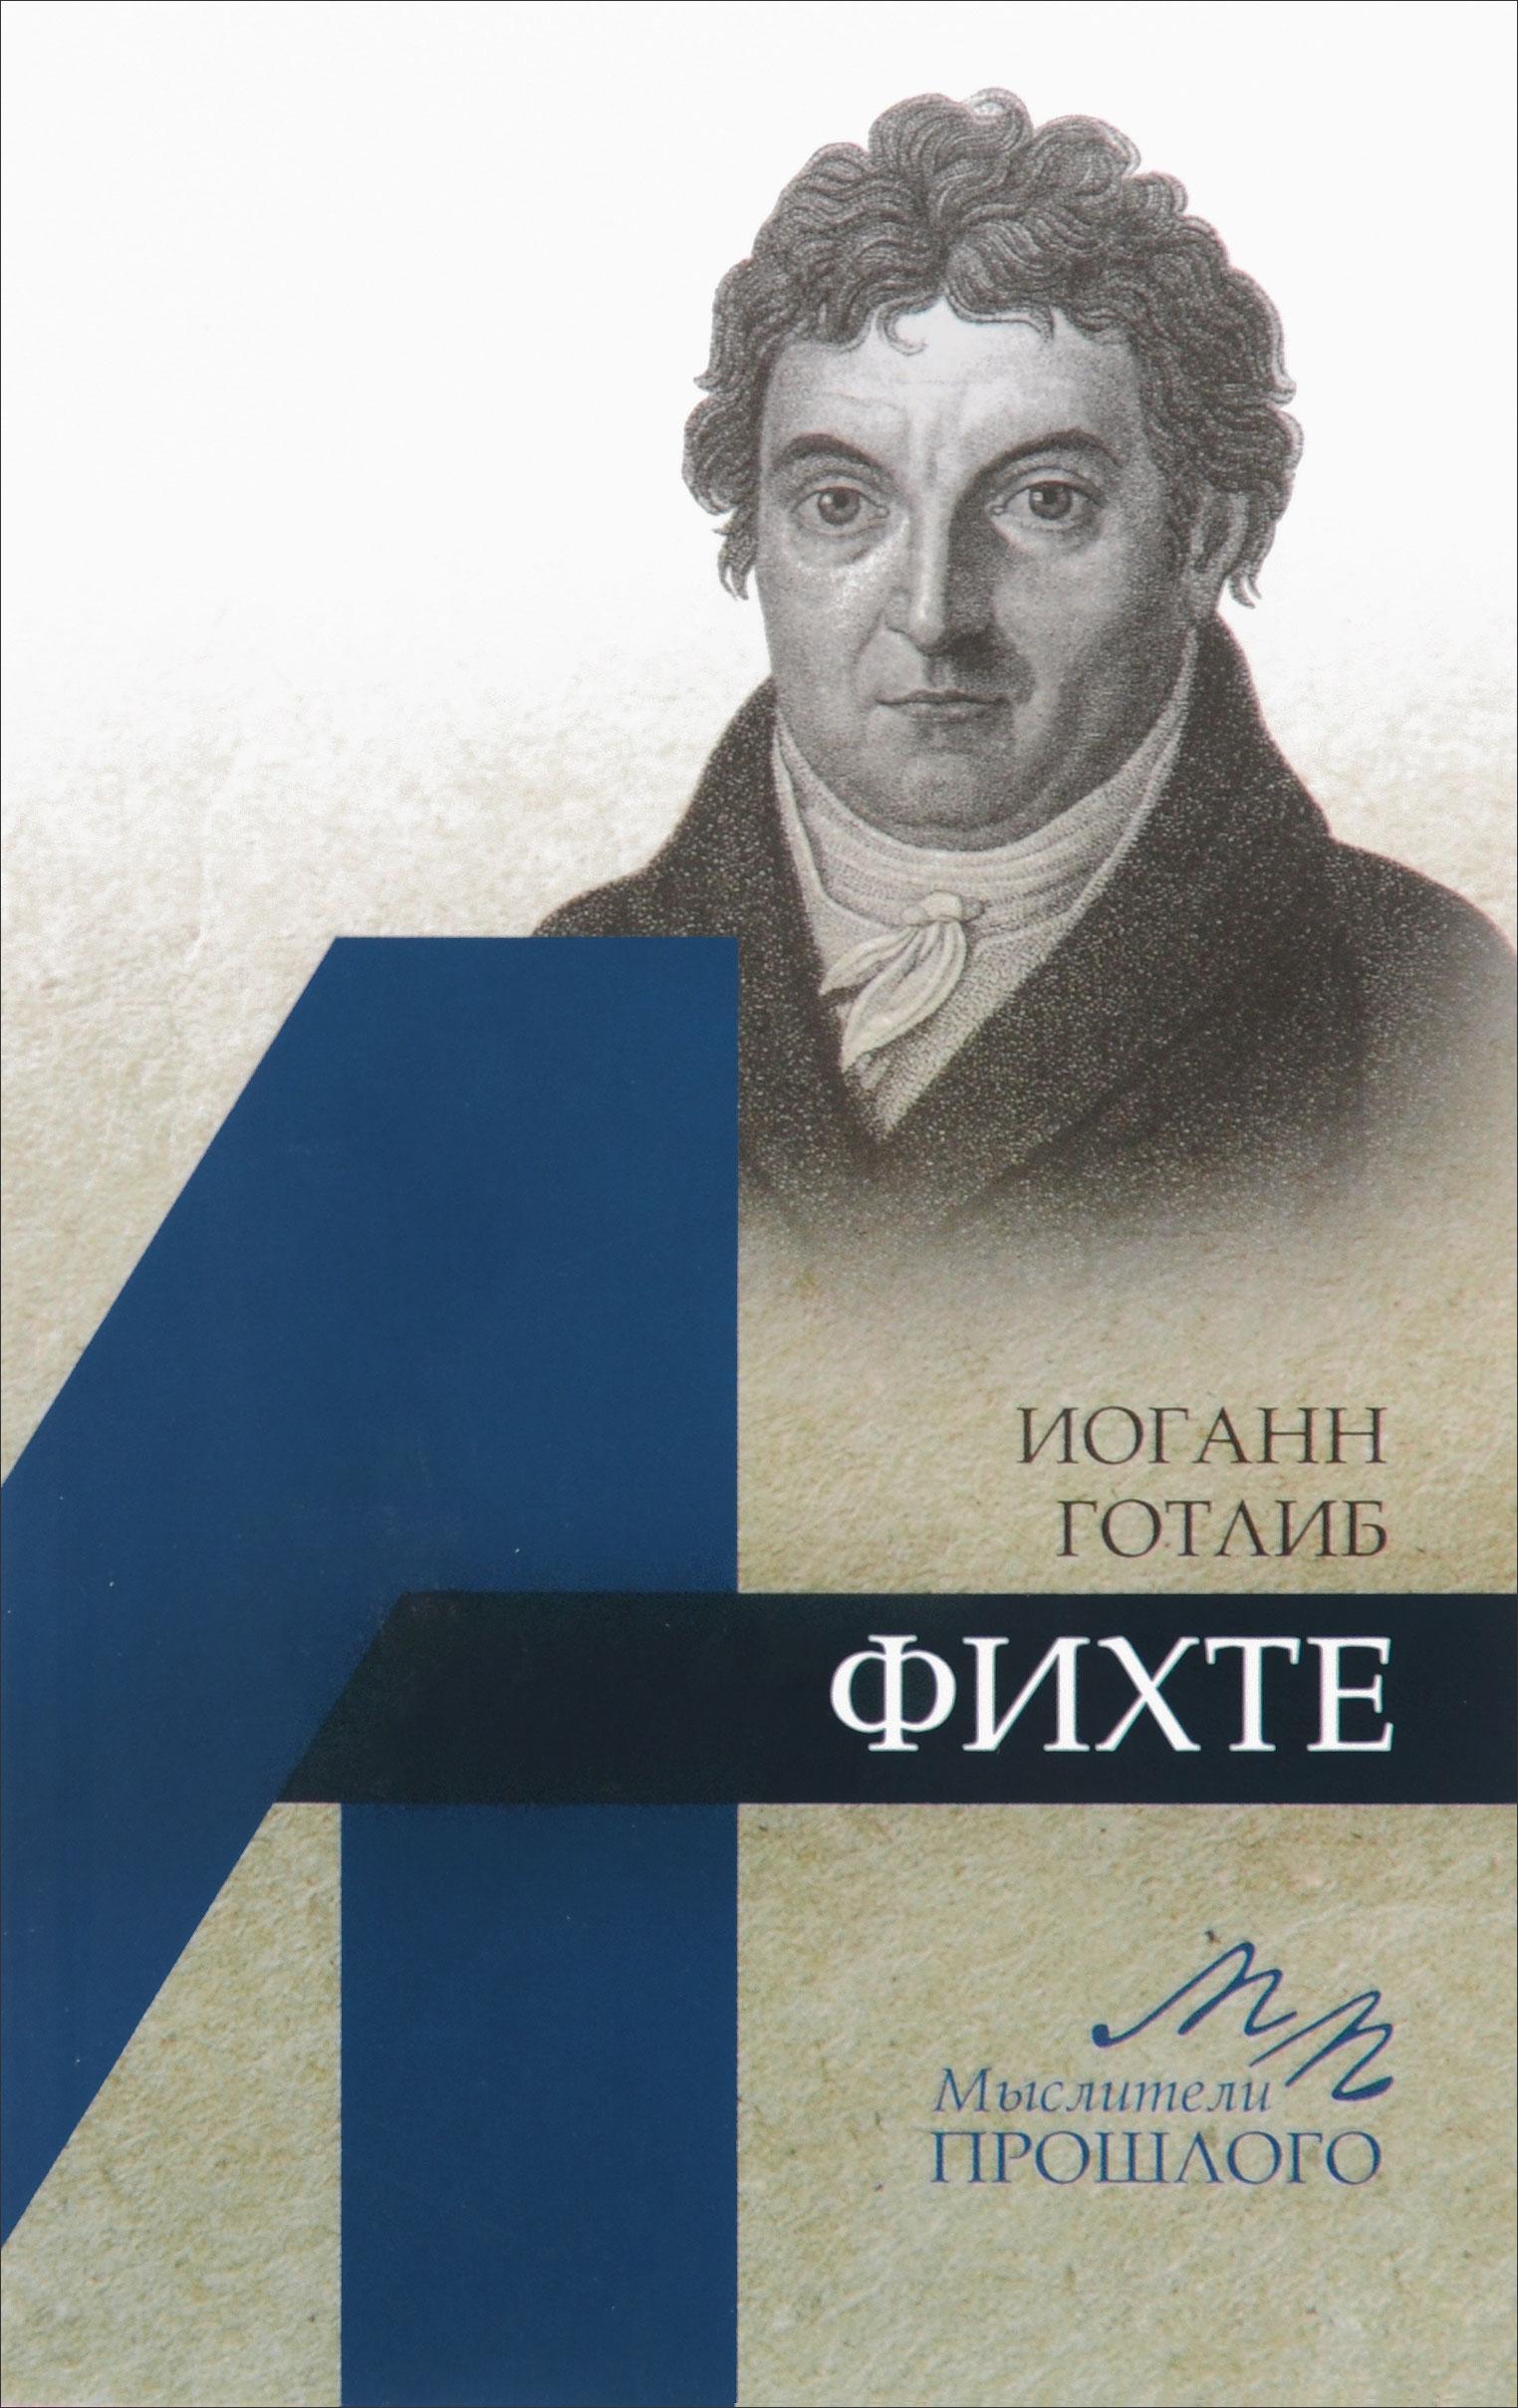 А. Г. Ломоносов Иоганн Готлиб Фихте и г фихте и г фихте сочинения